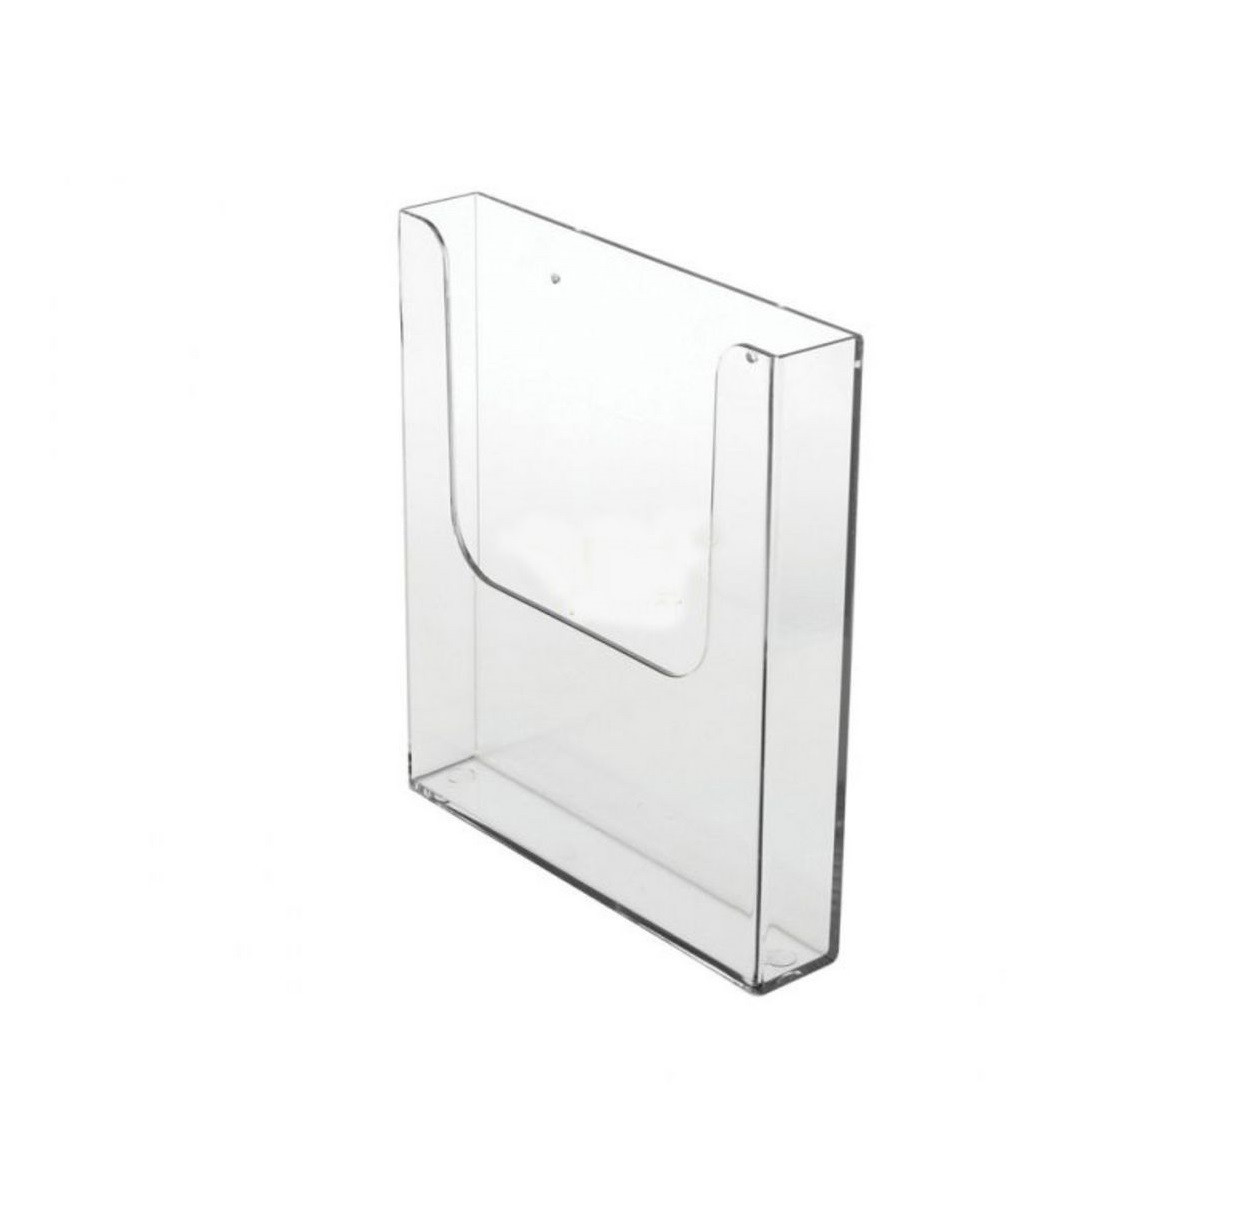 Карман для печатной продукции А5 DISP-W настенный арт.510014